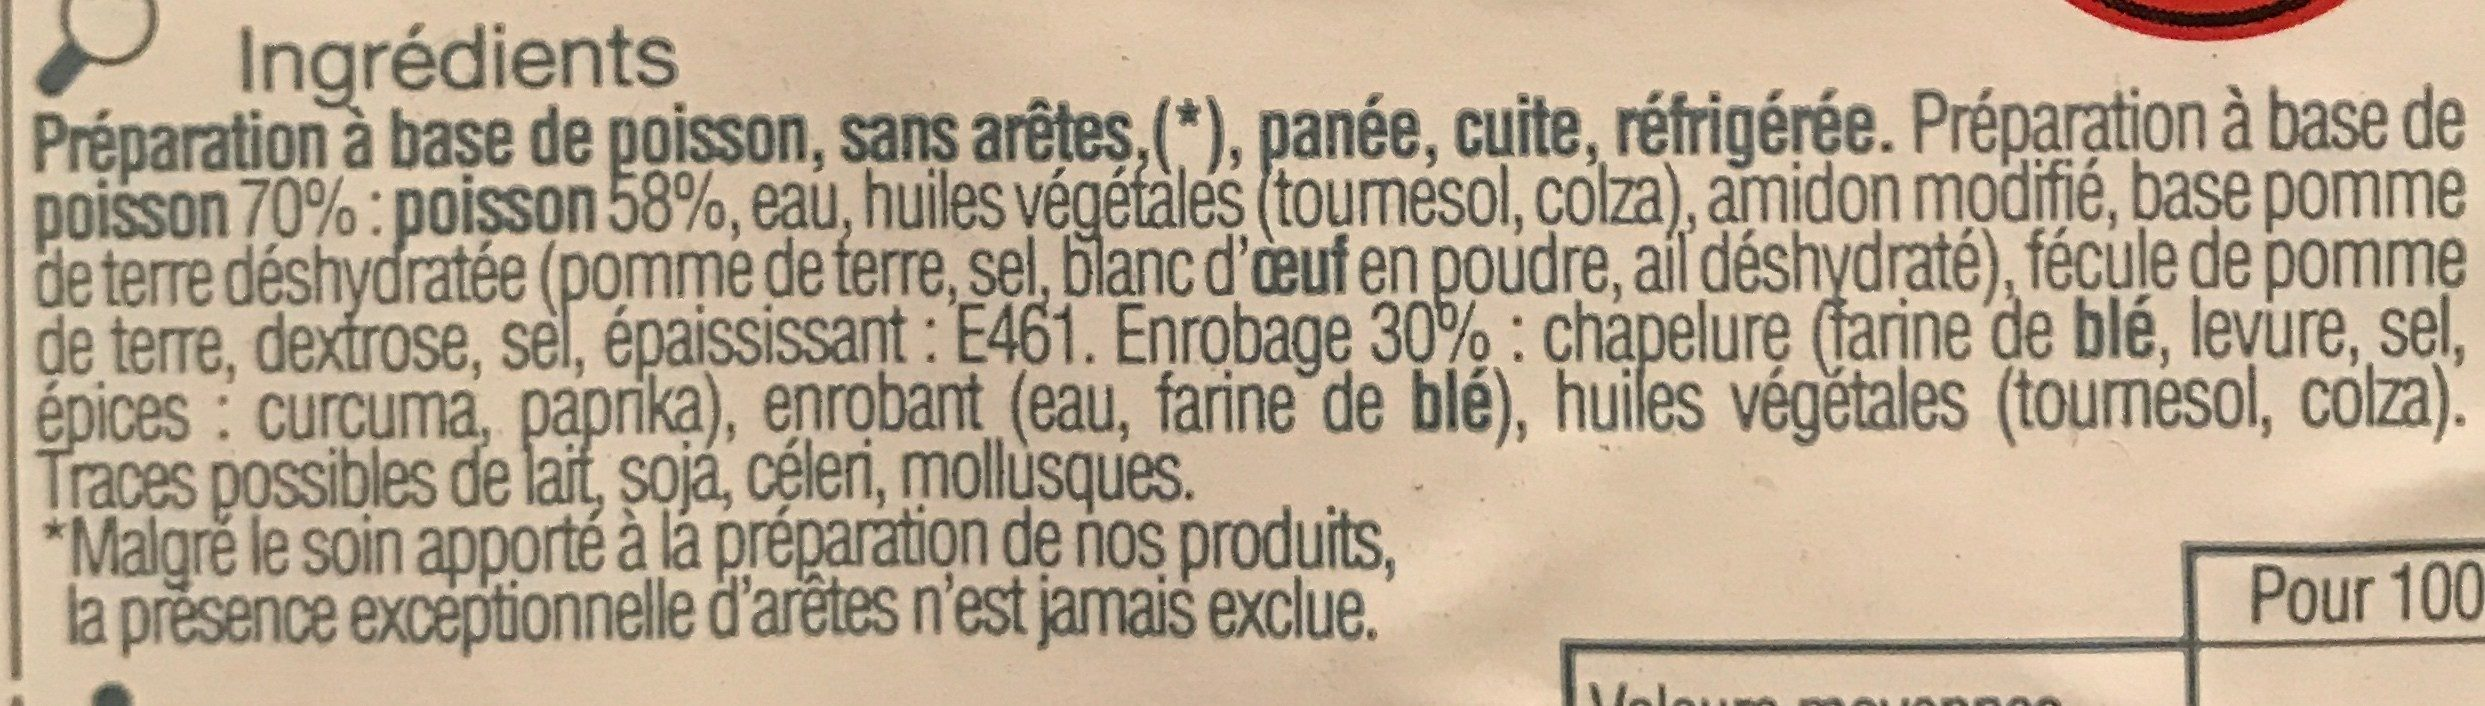 Portions au Poisson Pané - Ingredients - fr